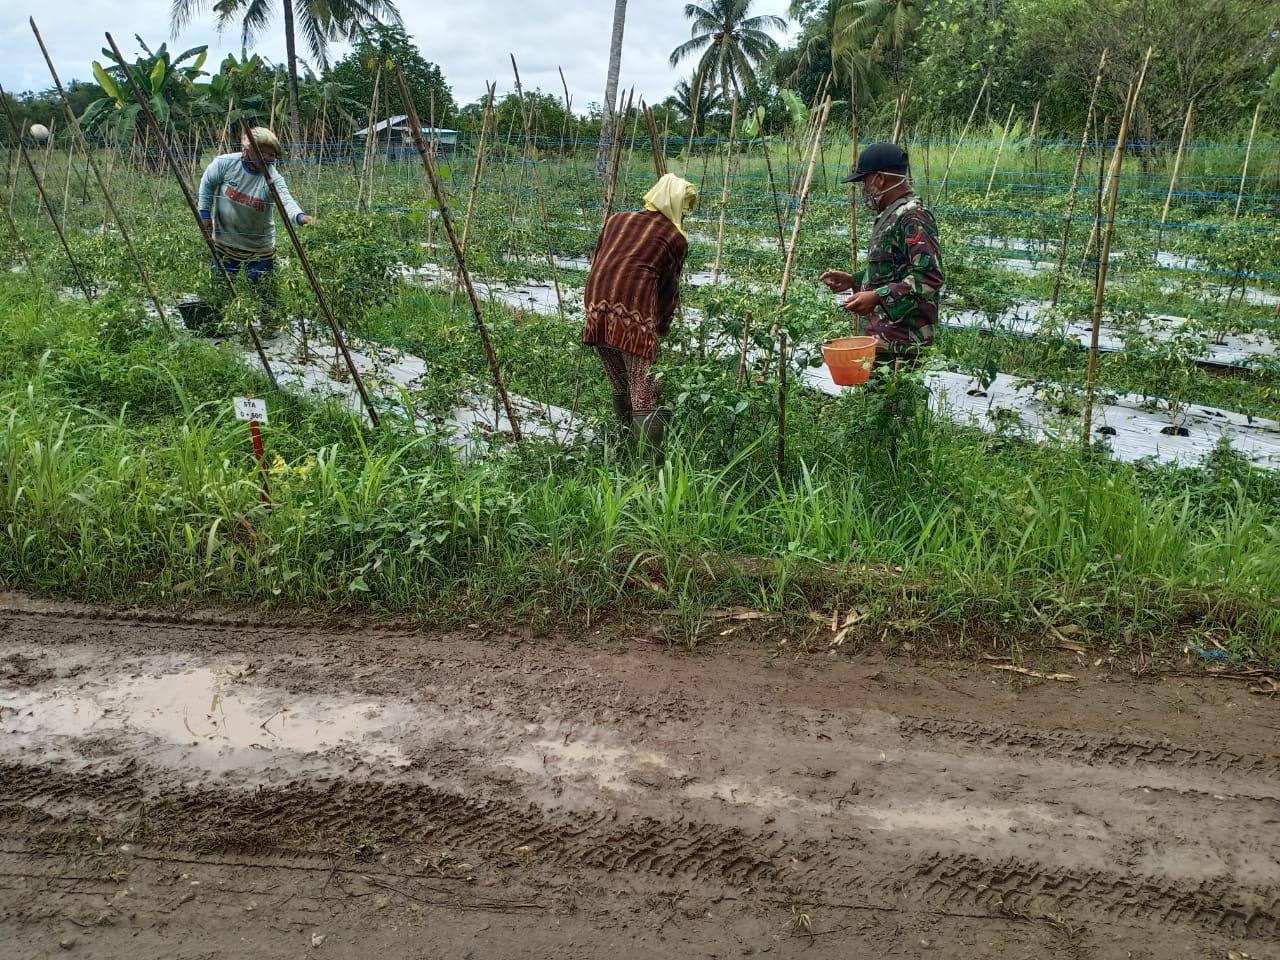 Di Lokasi Pra TMMD, Babinsa Bantu Petani Panen Lombok